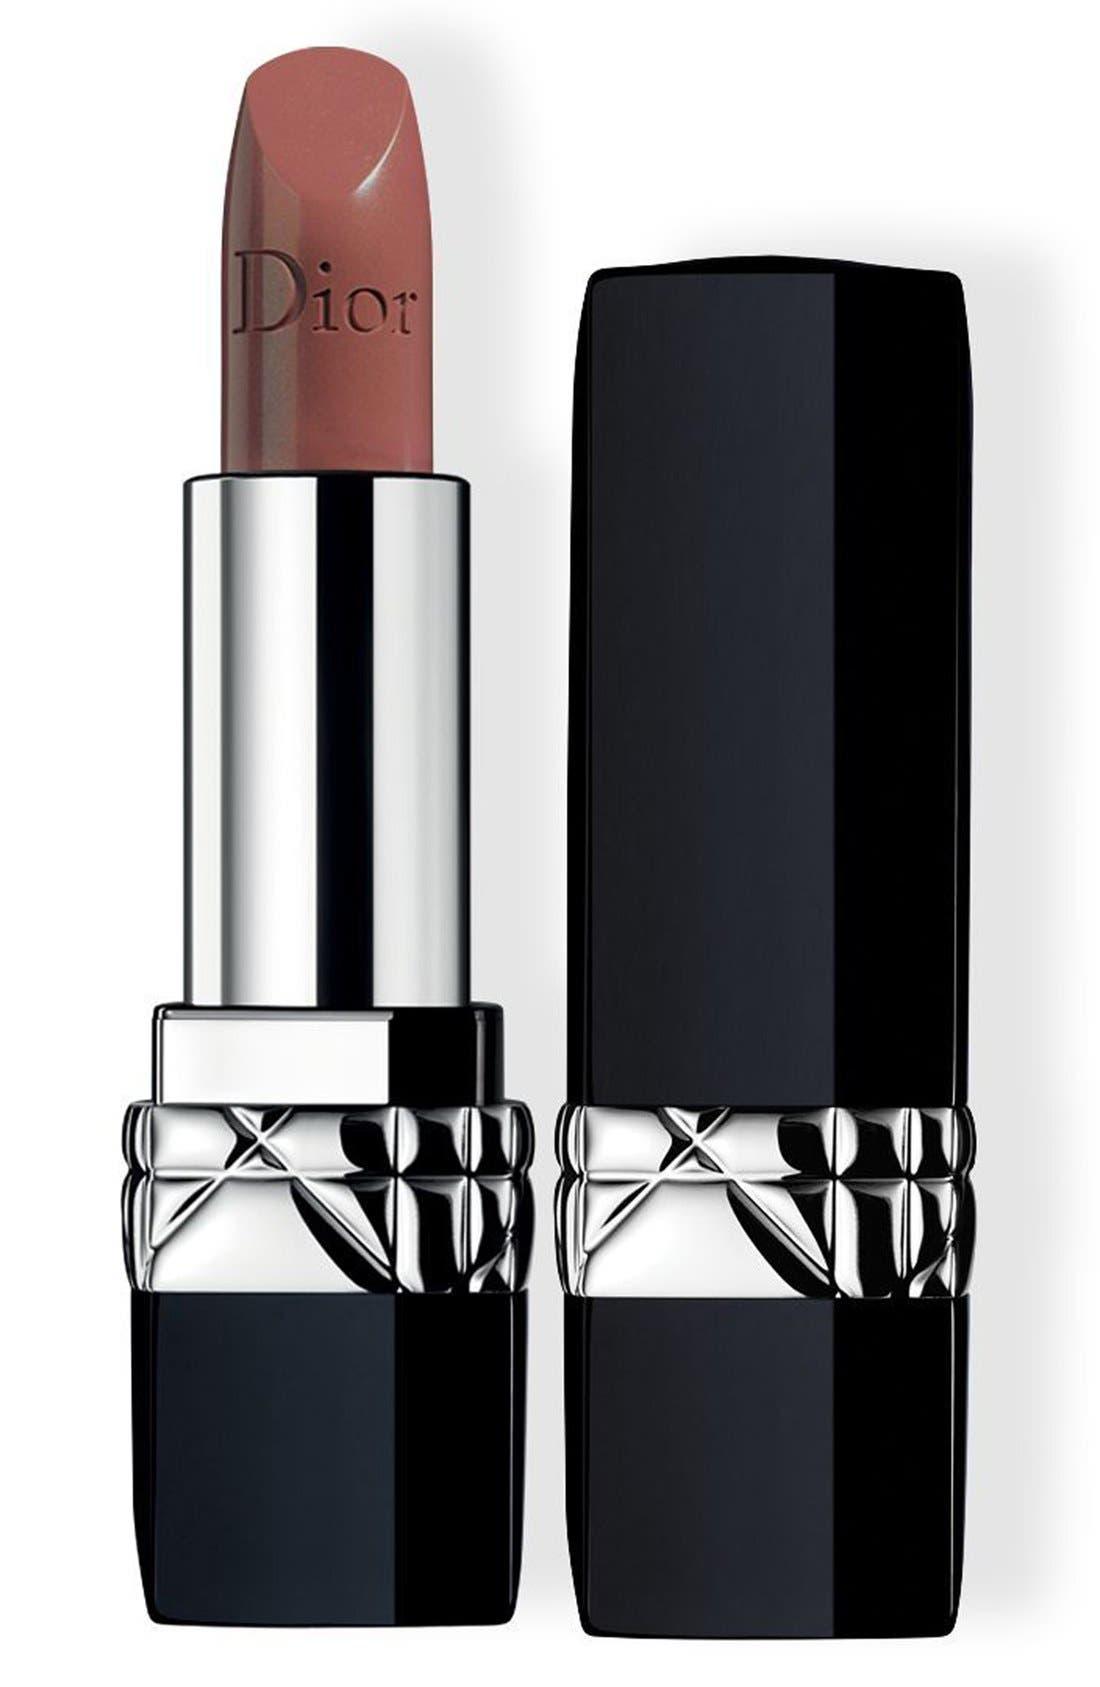 Dior Couture Color Rouge Dior Lipstick - 434 Promenade